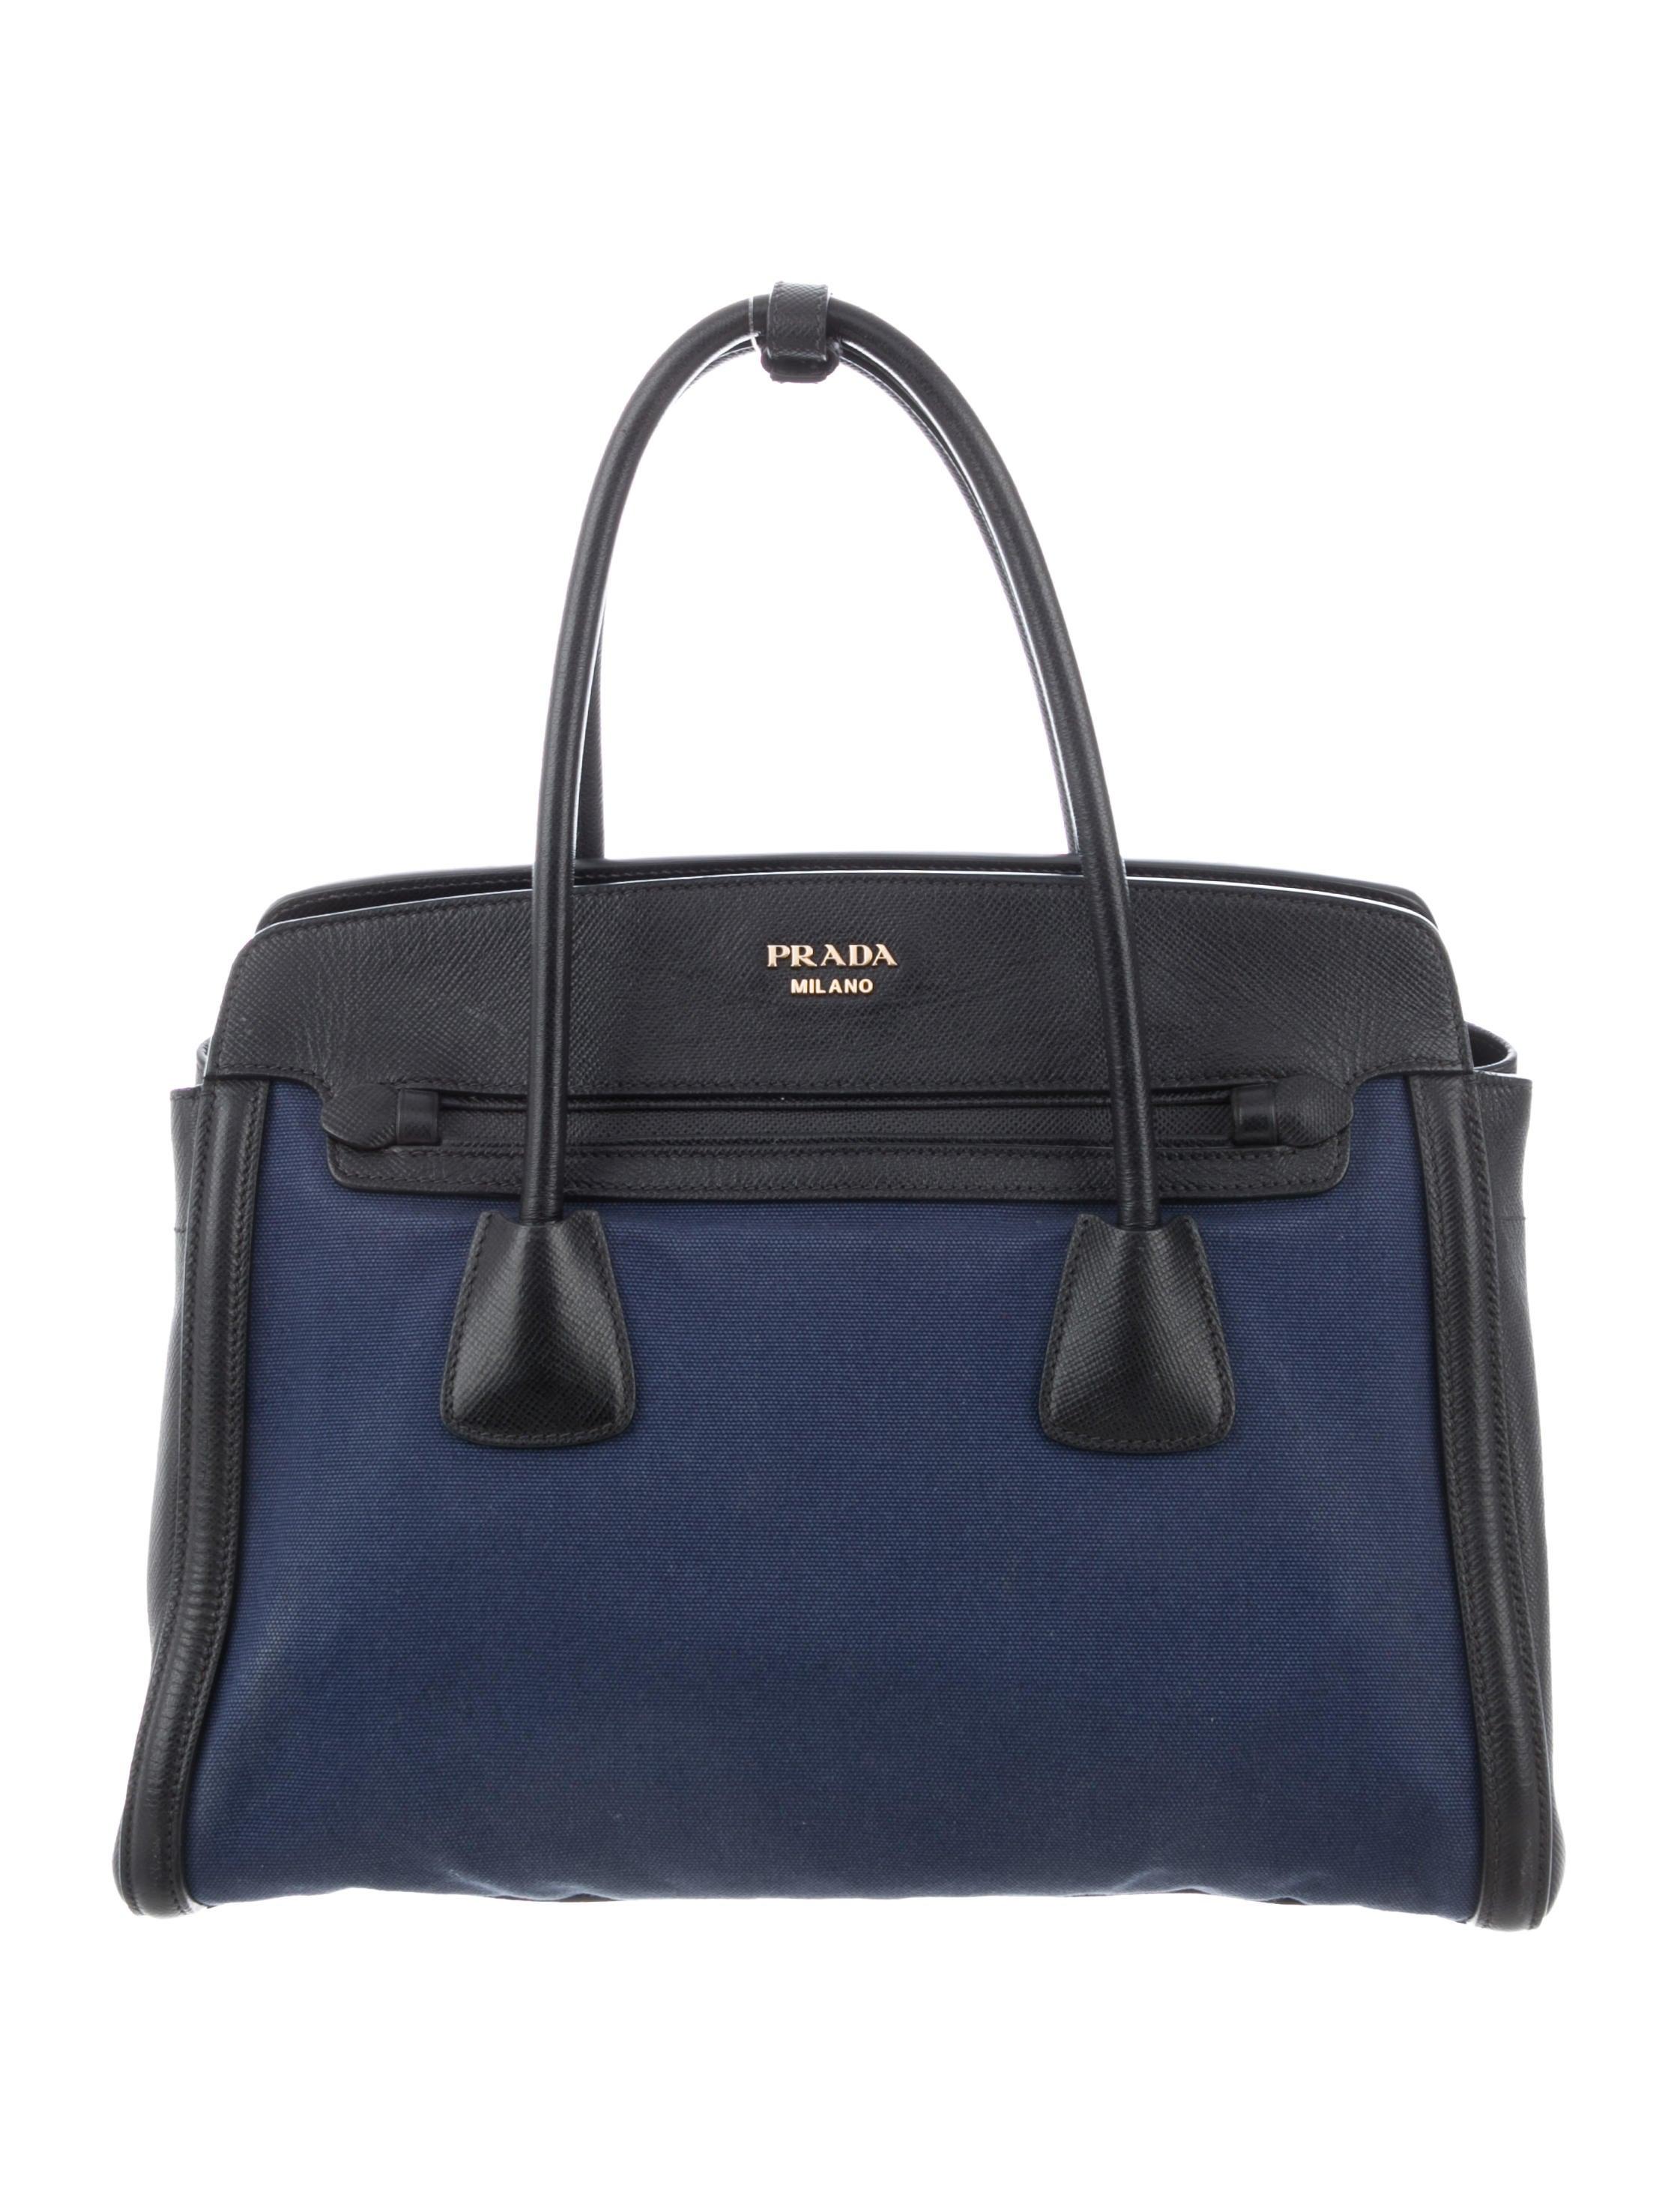 afc5c9384f59 Prada Saffiano-Trimmed Canvas Handle Bag - Handbags - PRA260912 ...